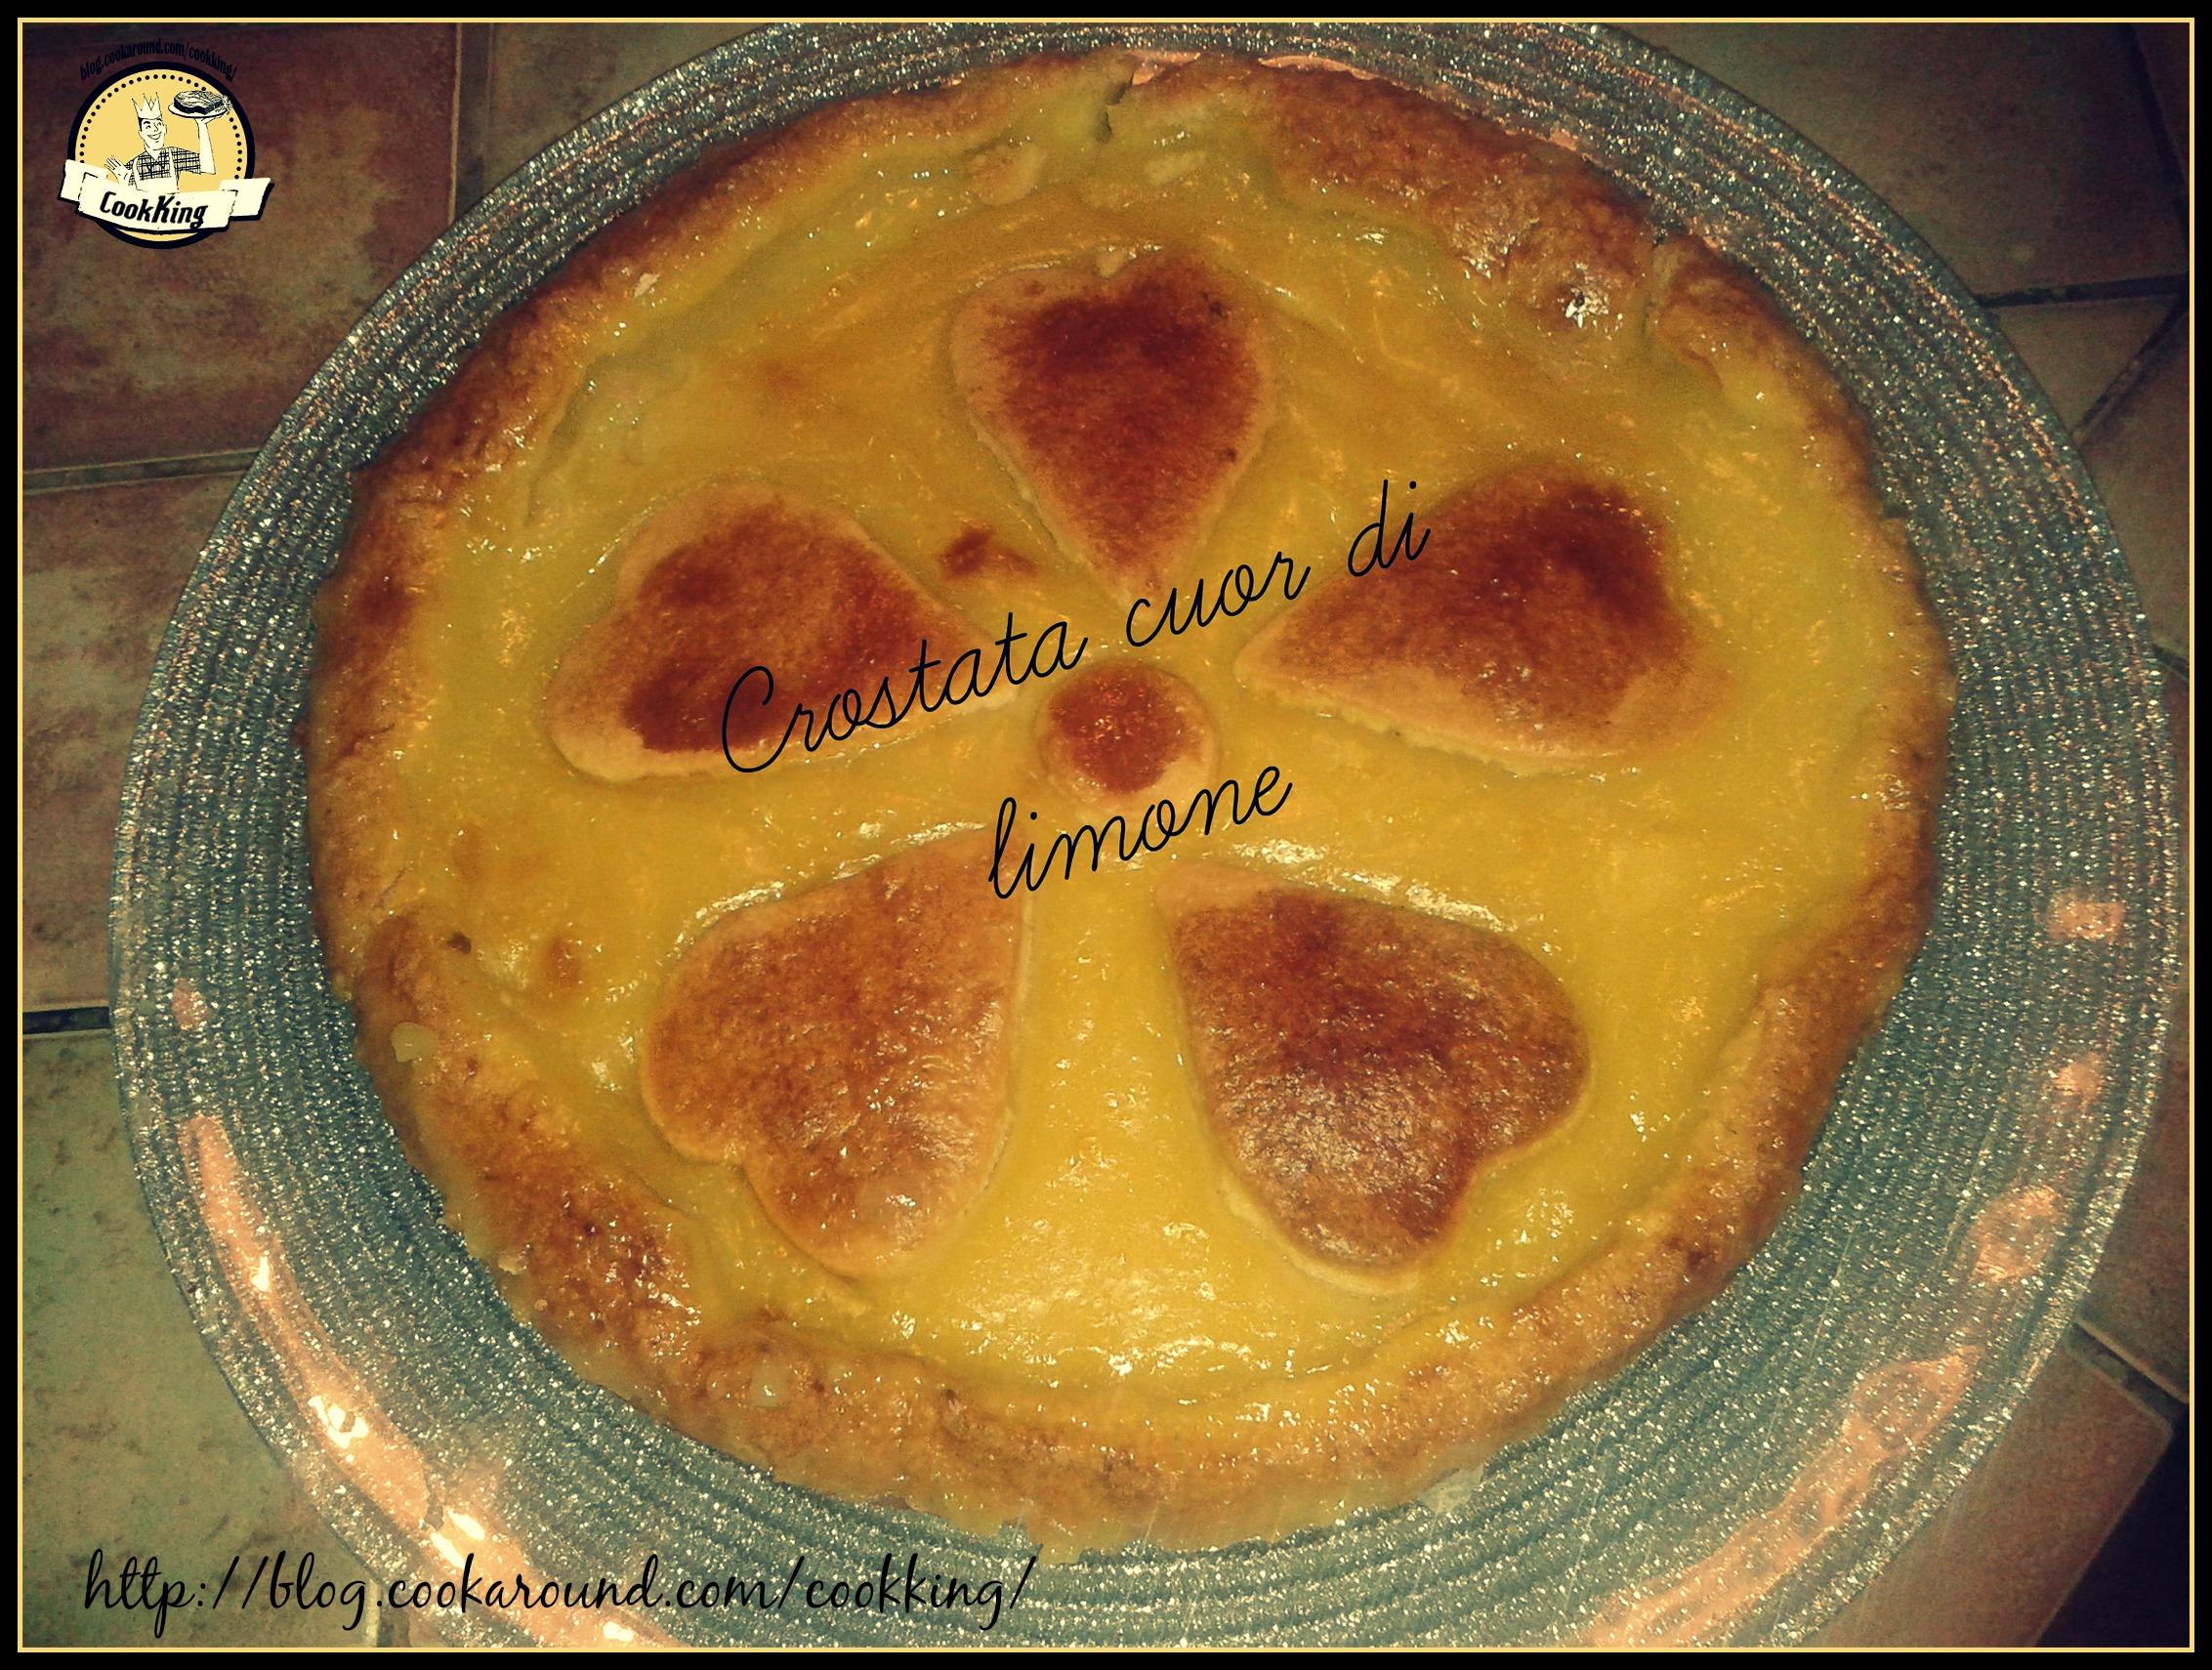 CROSTATA CUOR DI LIMONE - CookKING